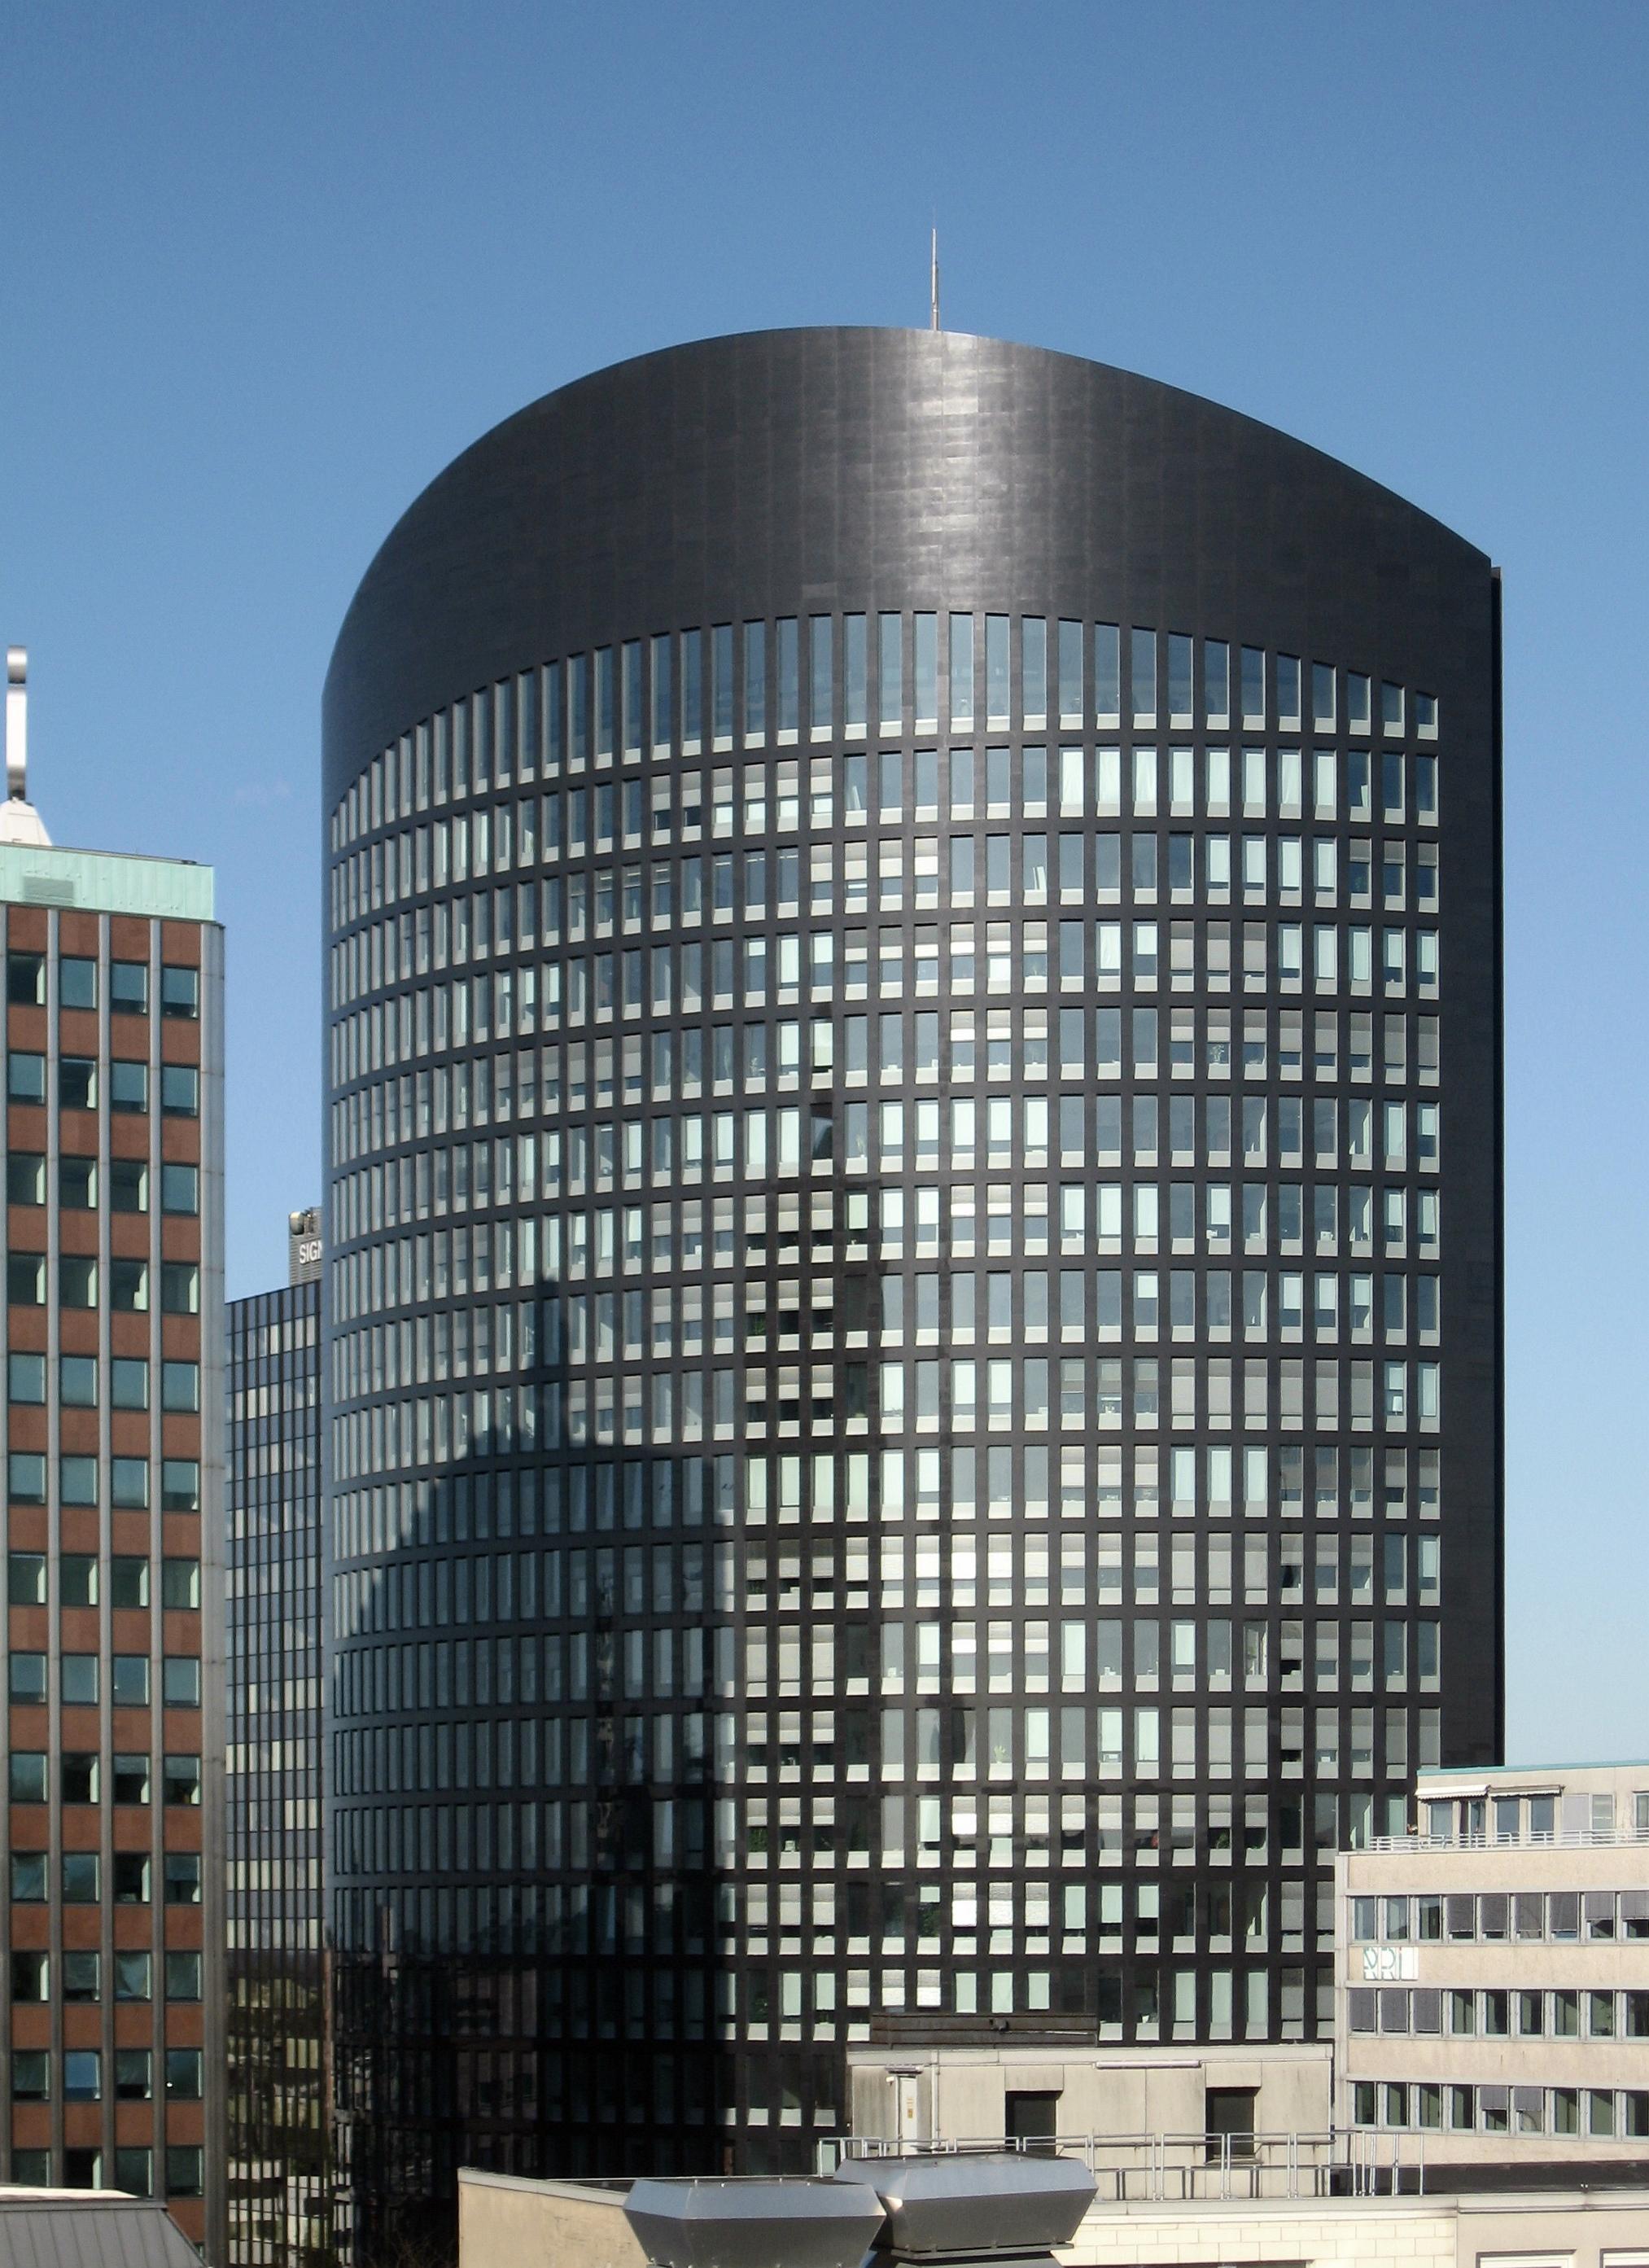 Architekten In Dortmund dortmund see seite 34 deutsches architektur forum